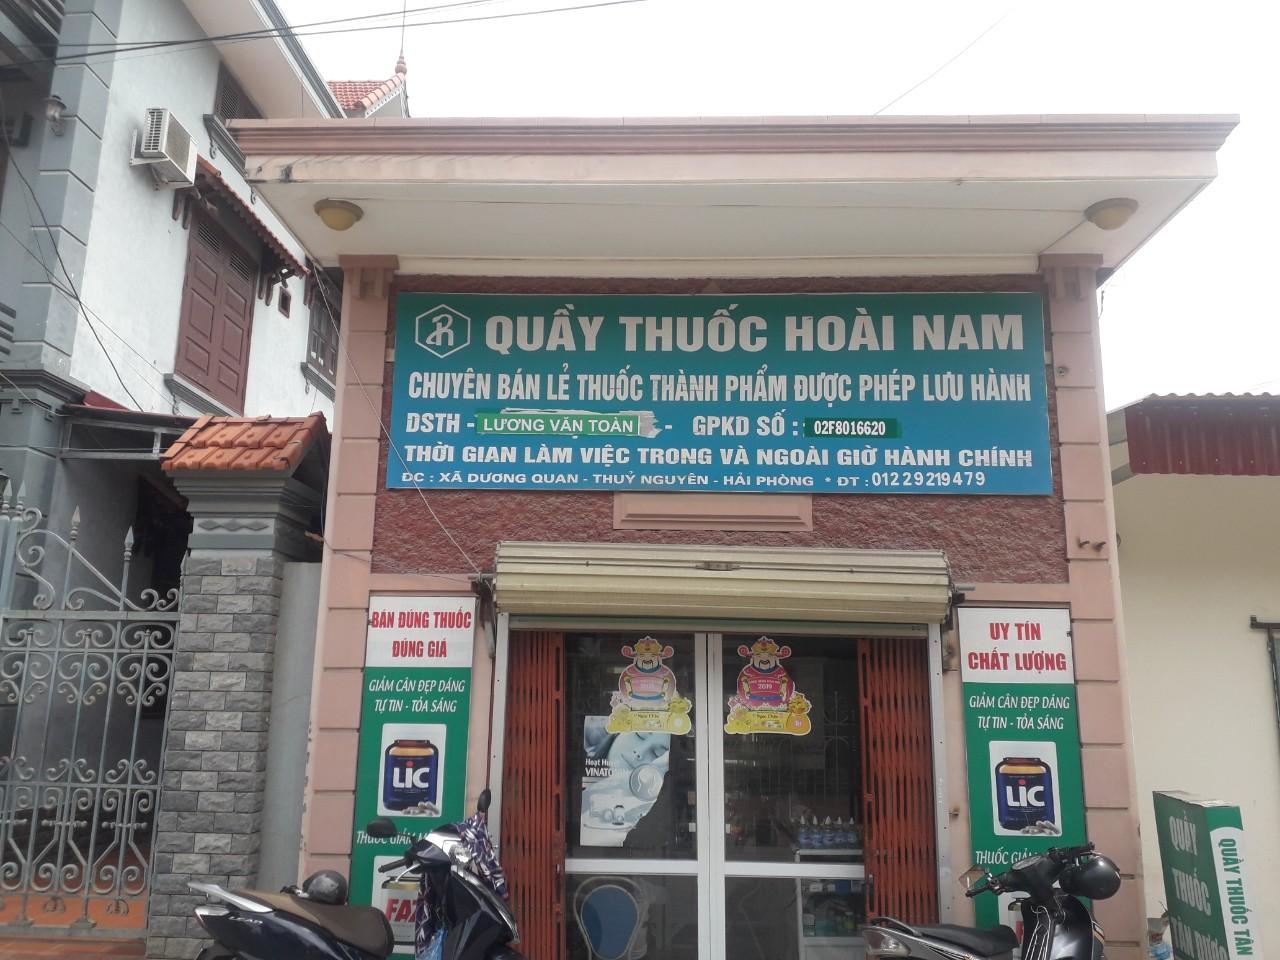 QT Hoài Nam